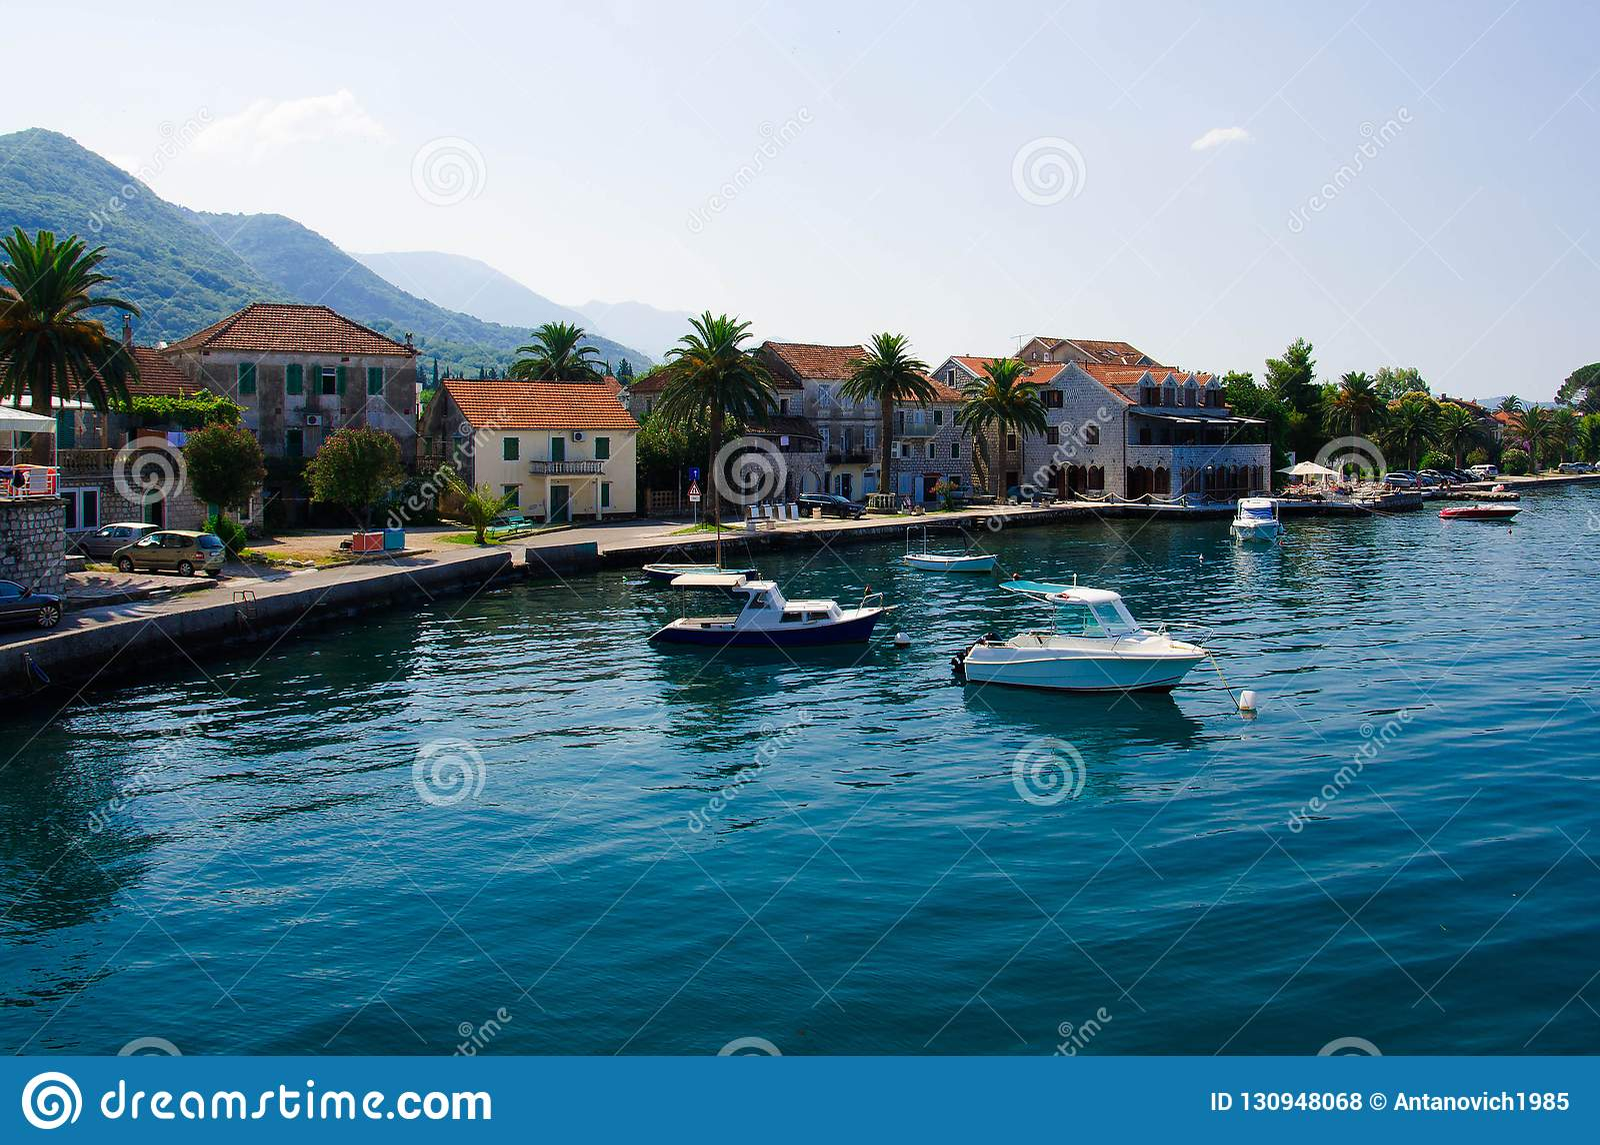 Яхты и рыбацкие лодки, залив Kotor, Tivat, Seljanovo, Monten